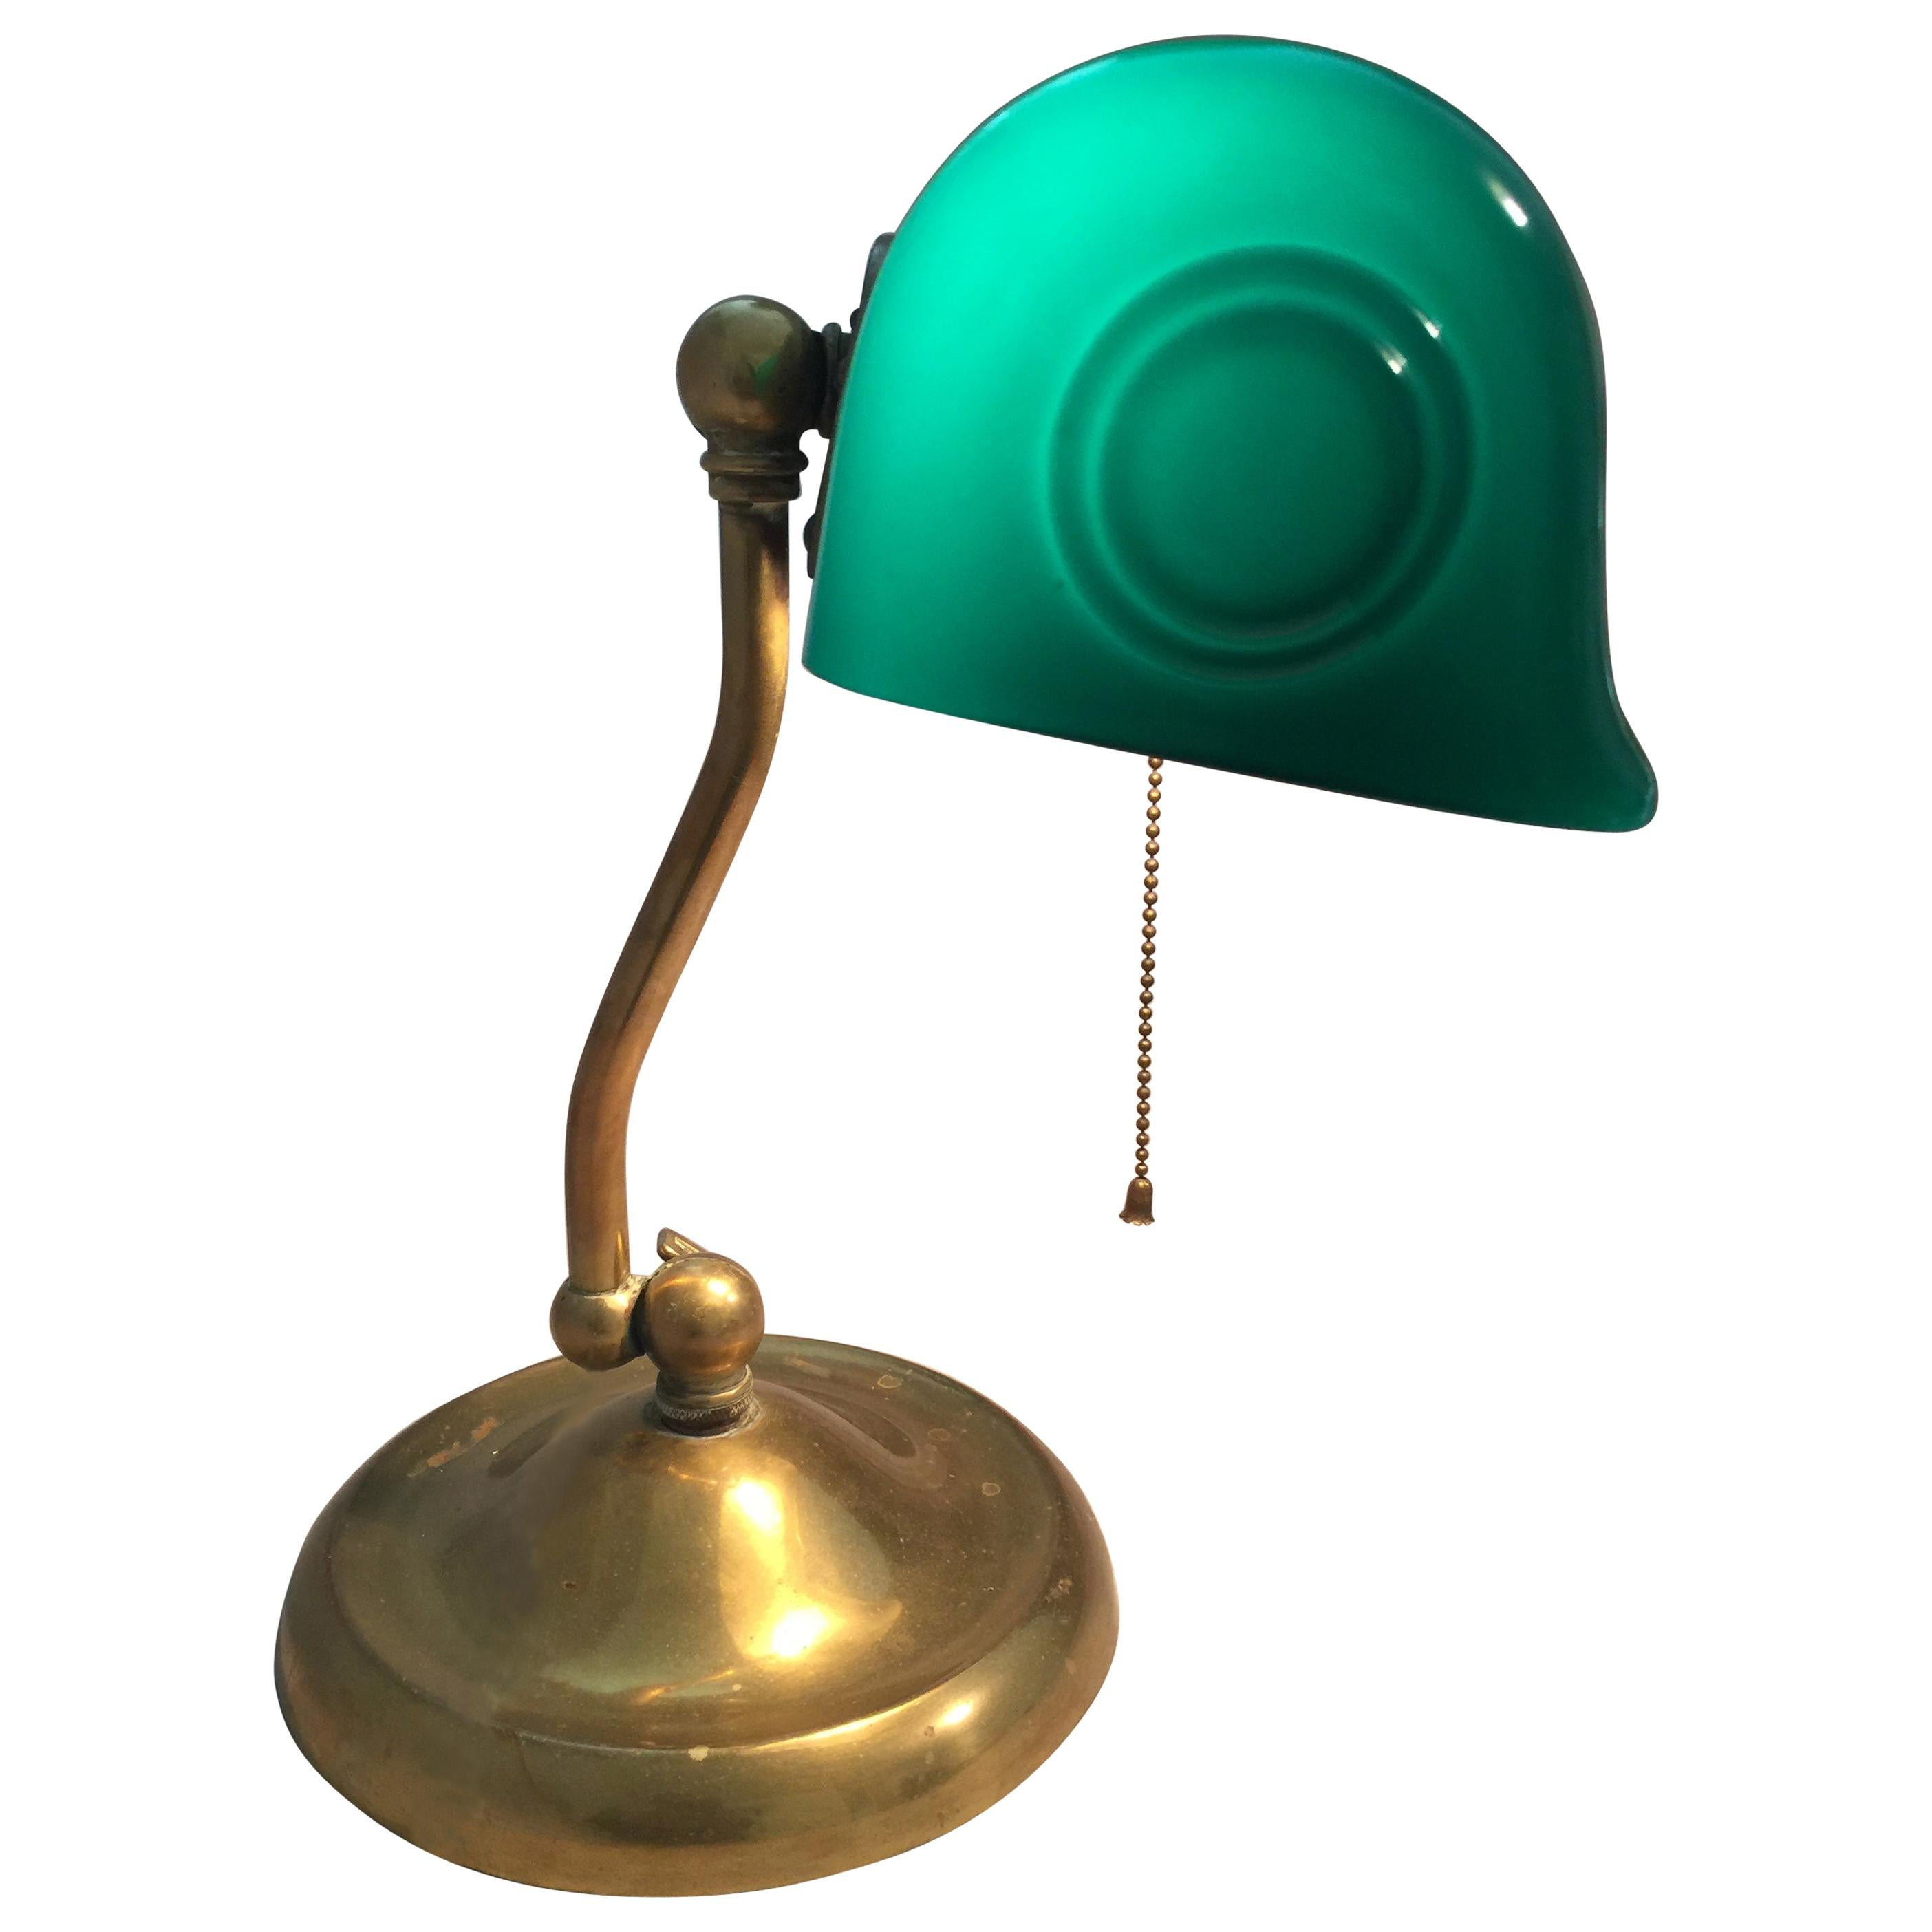 Antique Banker's Desk Lamp w/ Green Shade Signed Verdelite, ca. 1920